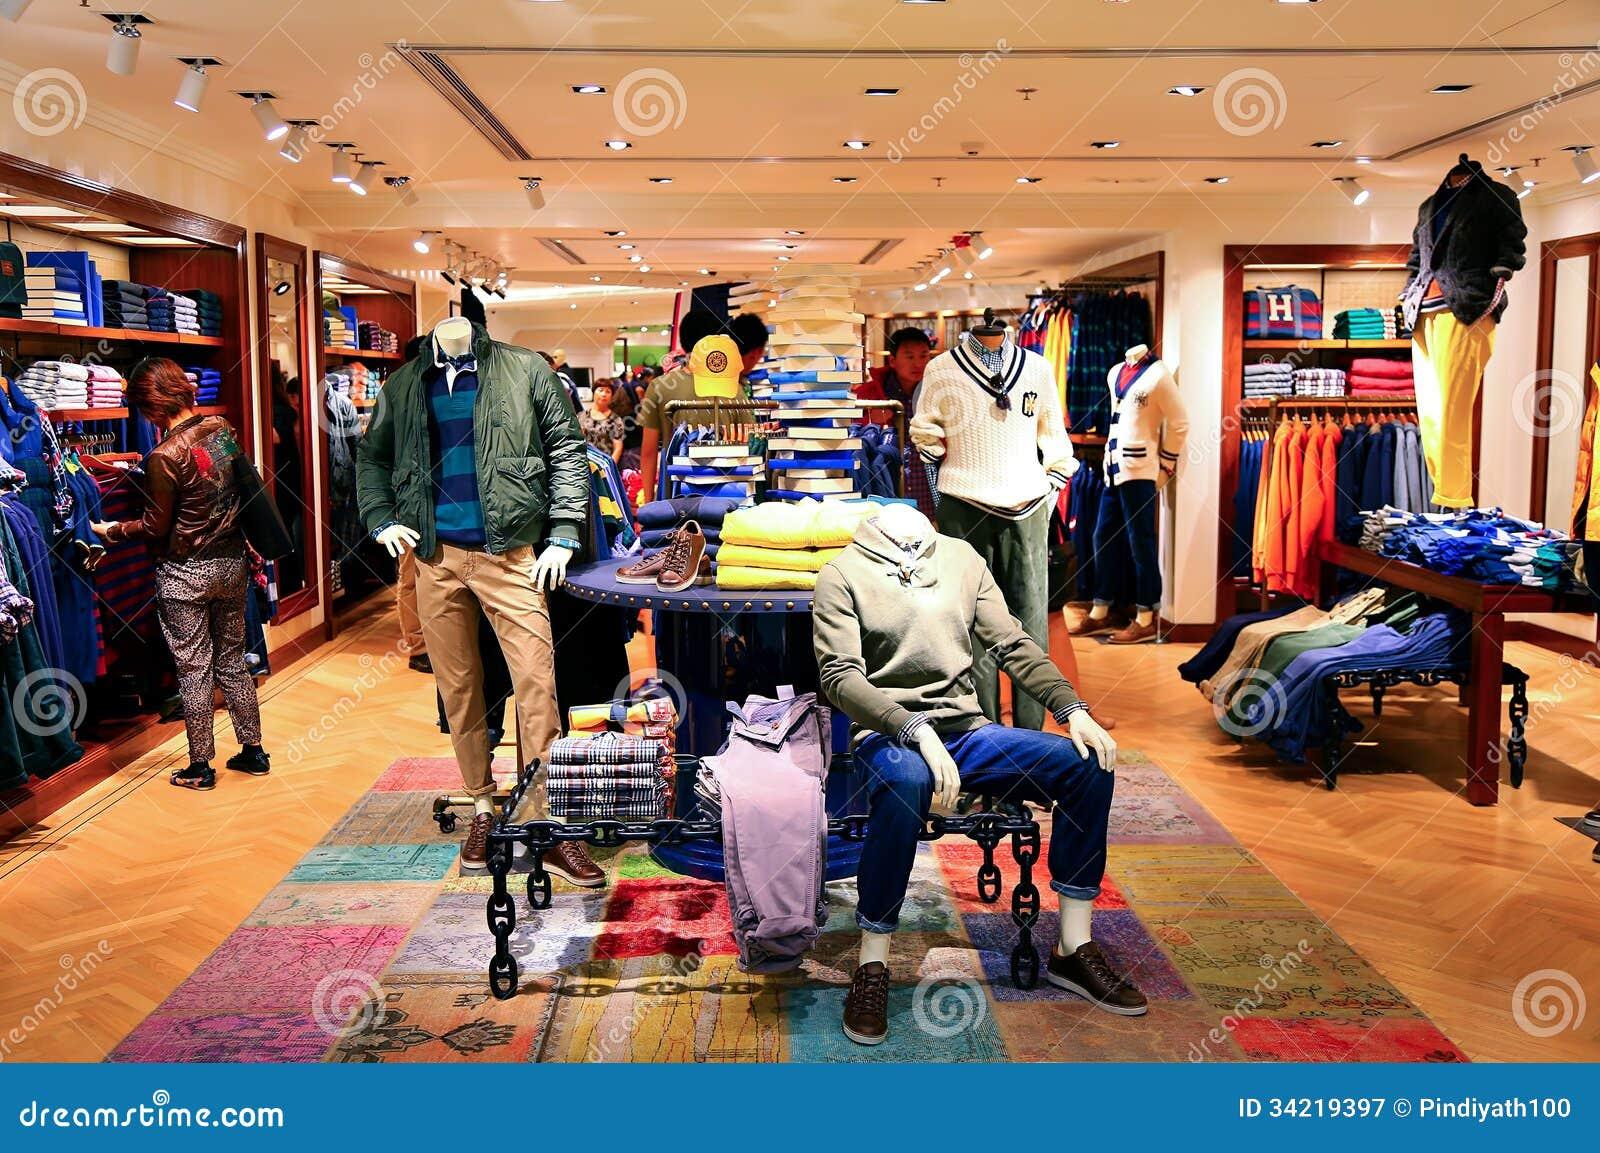 Hong kong clothing stores